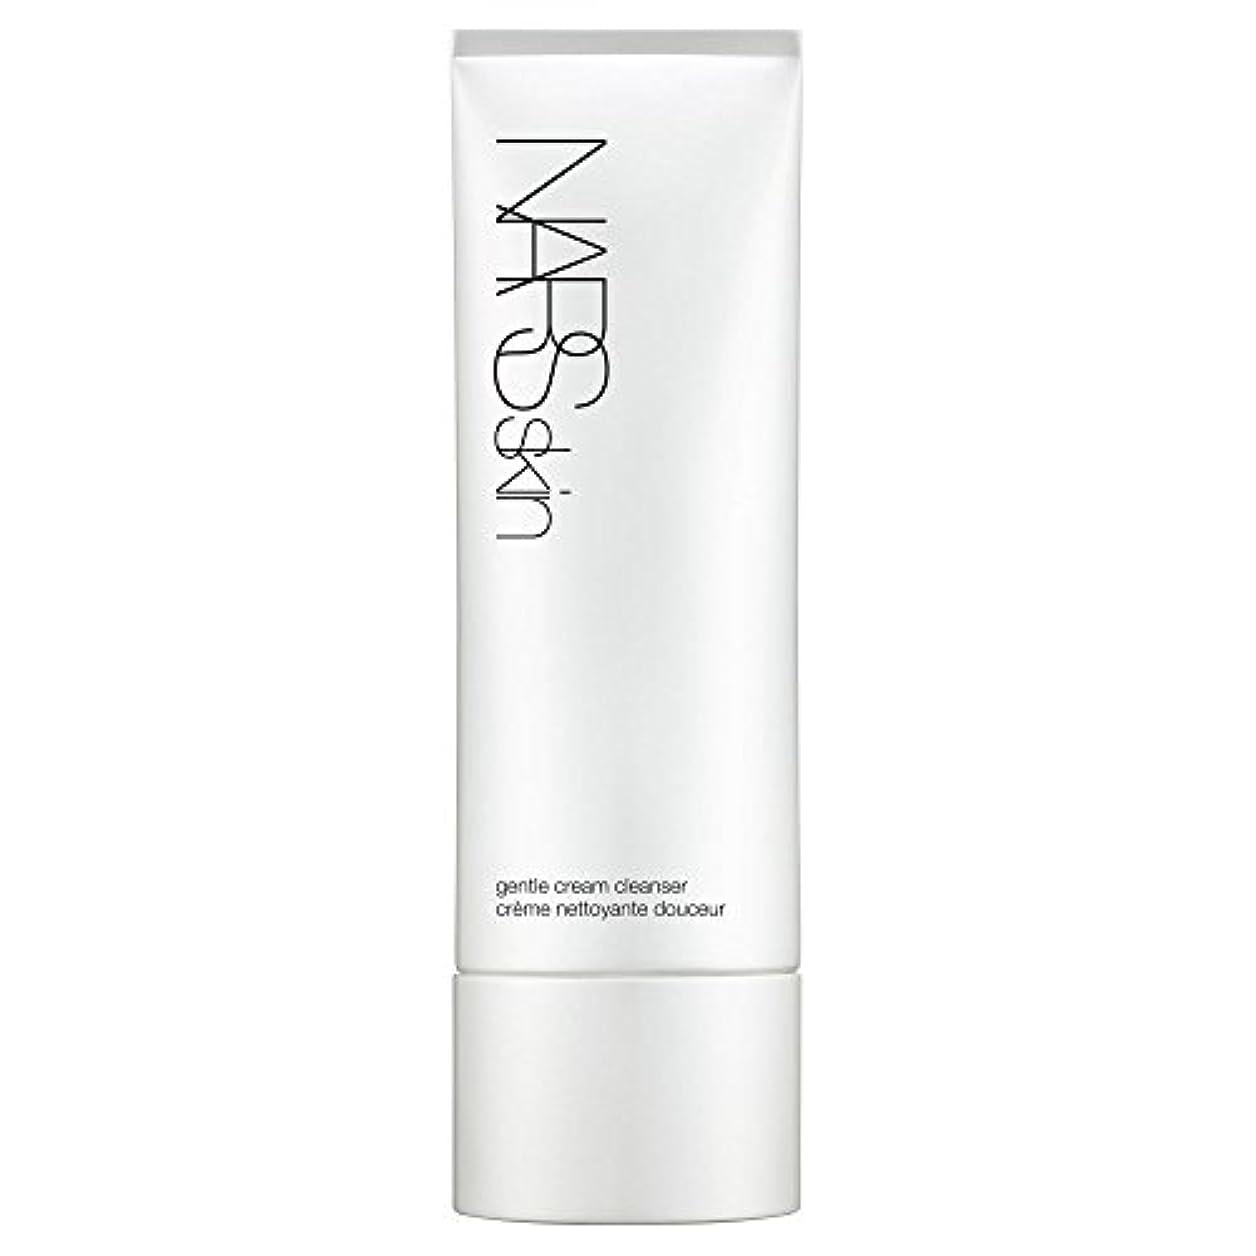 着る不規則な音楽[NARS] Narsskin優しいクリームクレンザー、125ミリリットル - Narsskin Gentle Cream Cleanser, 125ml [並行輸入品]